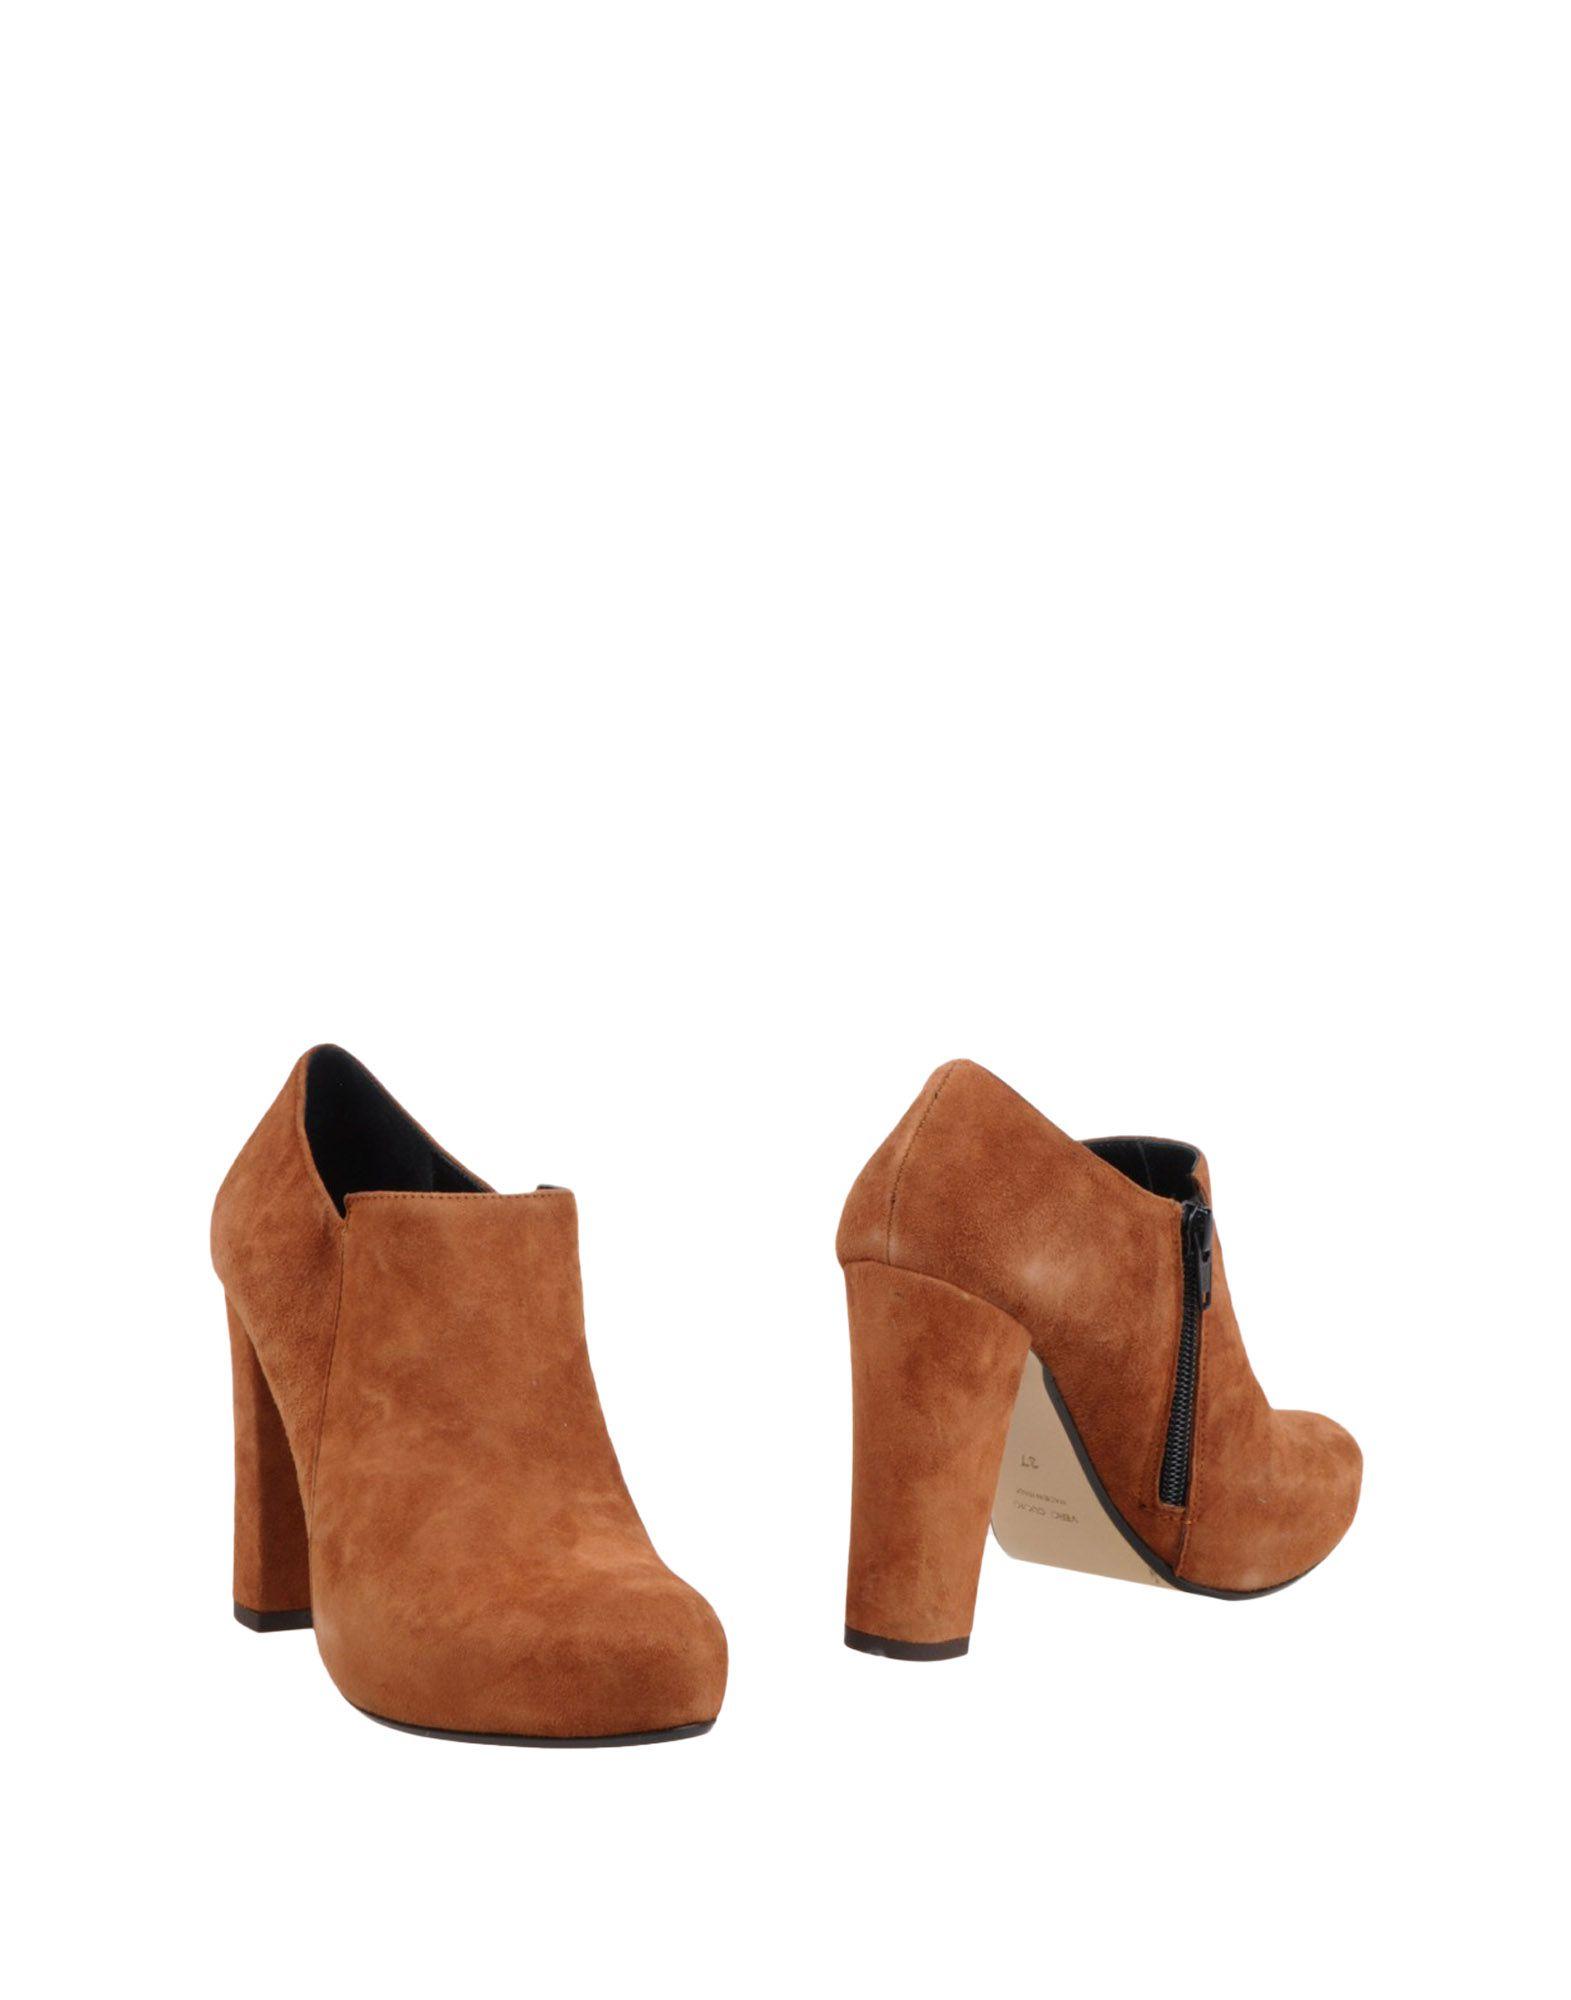 Moda Stivaletti Stivaletti Stivaletti Couture Donna - 11243041BP 9d42f6